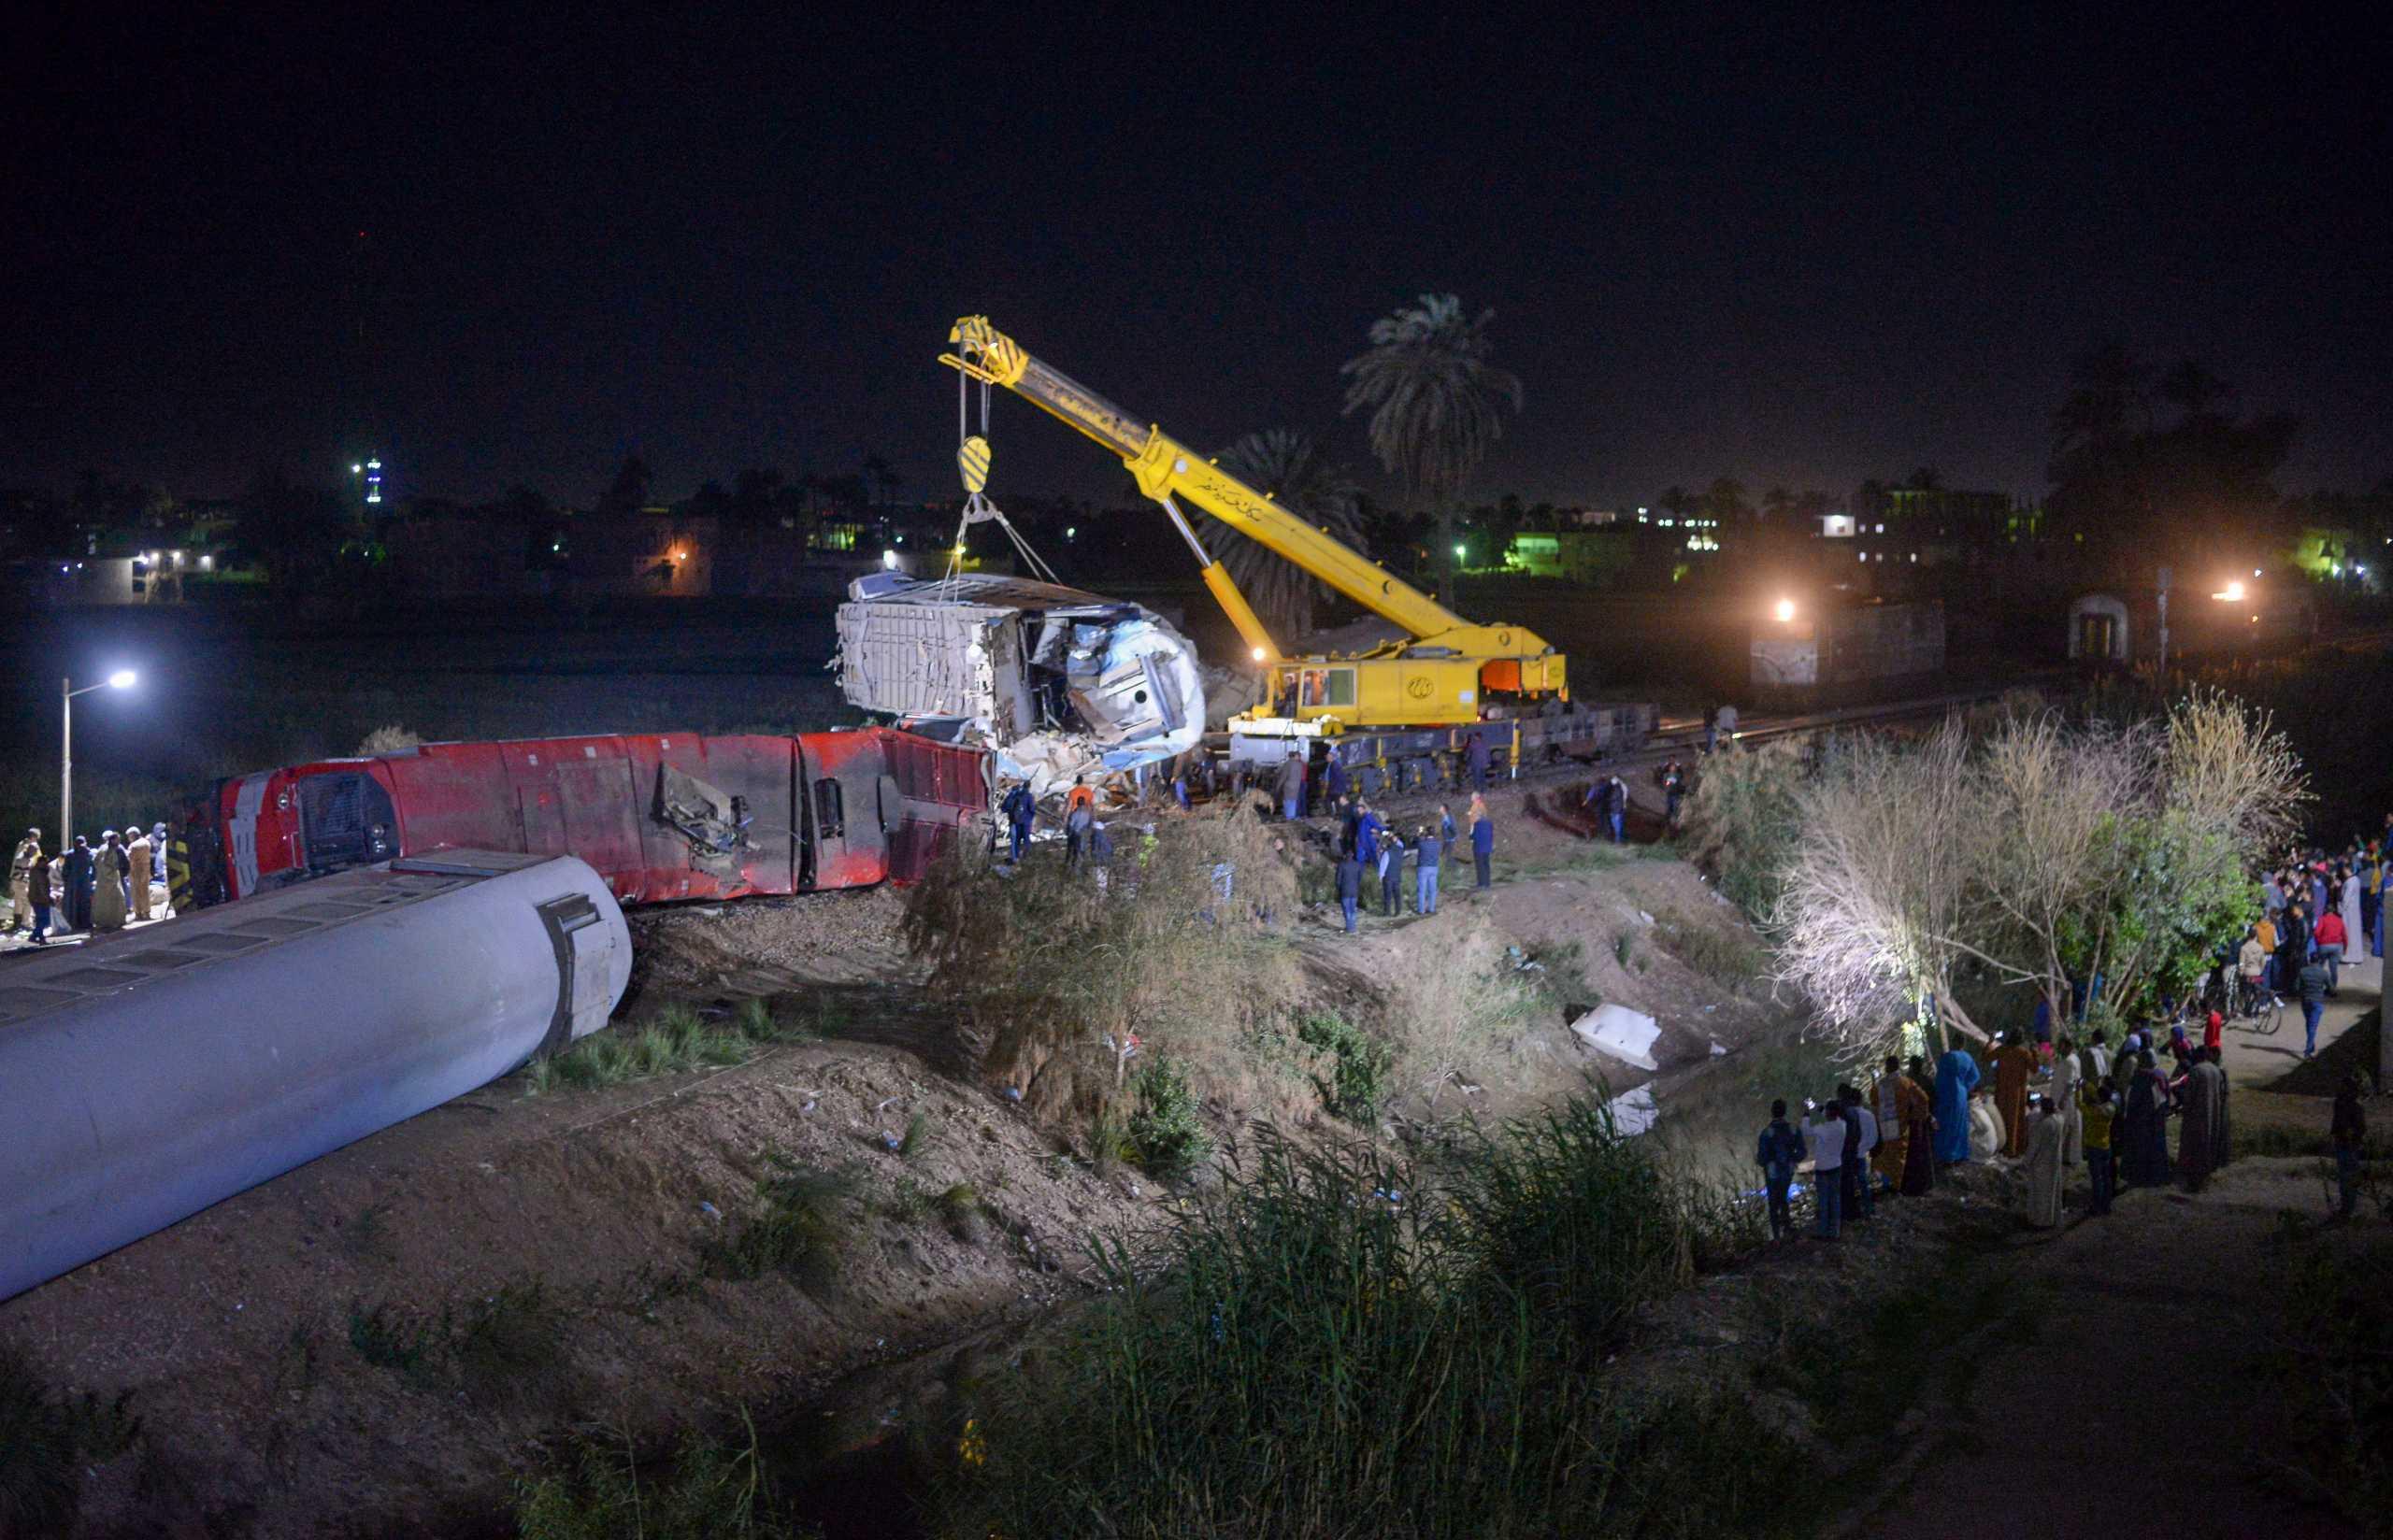 Αίγυπτος: Οκτώ άνθρωποι συνελήφθησαν για το πολύνεκρο σιδηροδρομικό δυστύχημα